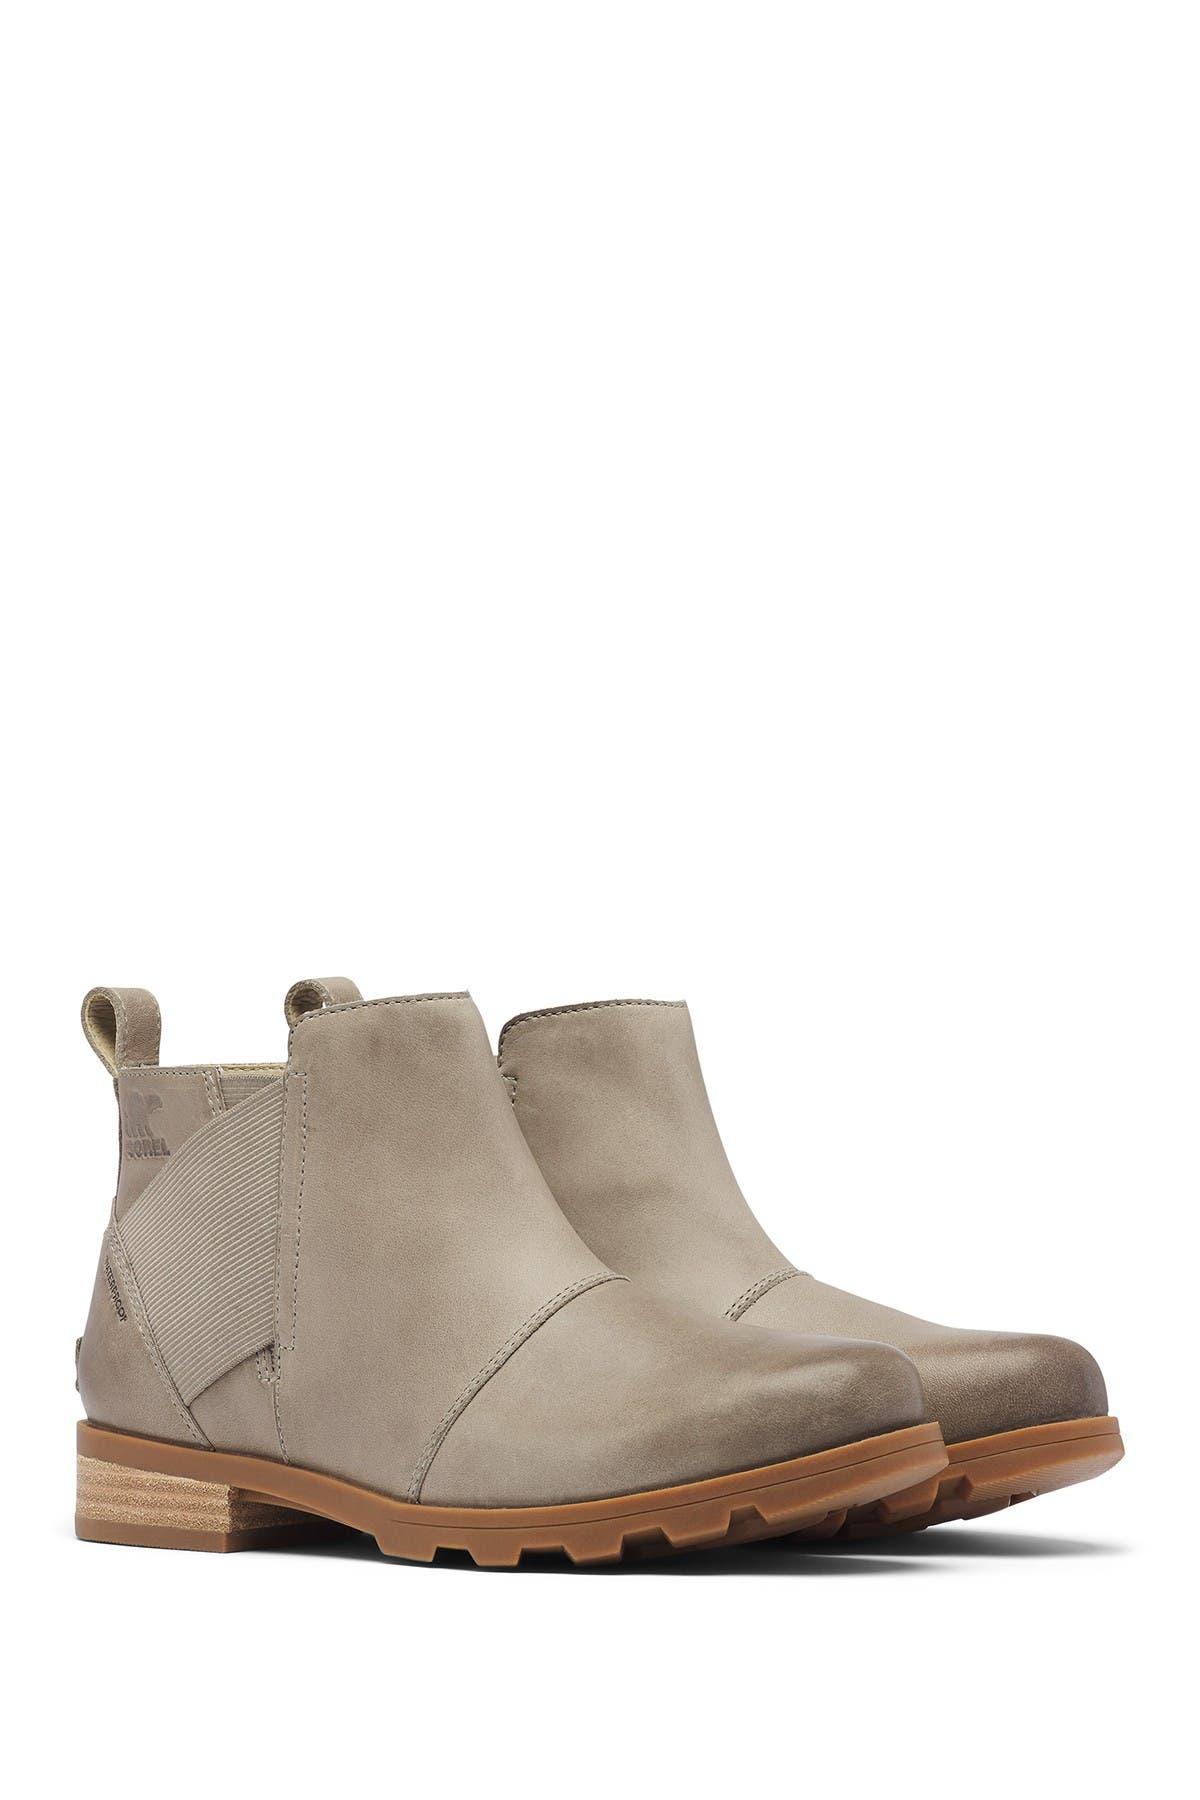 Emelie Waterproof Leather Chelsea Boot